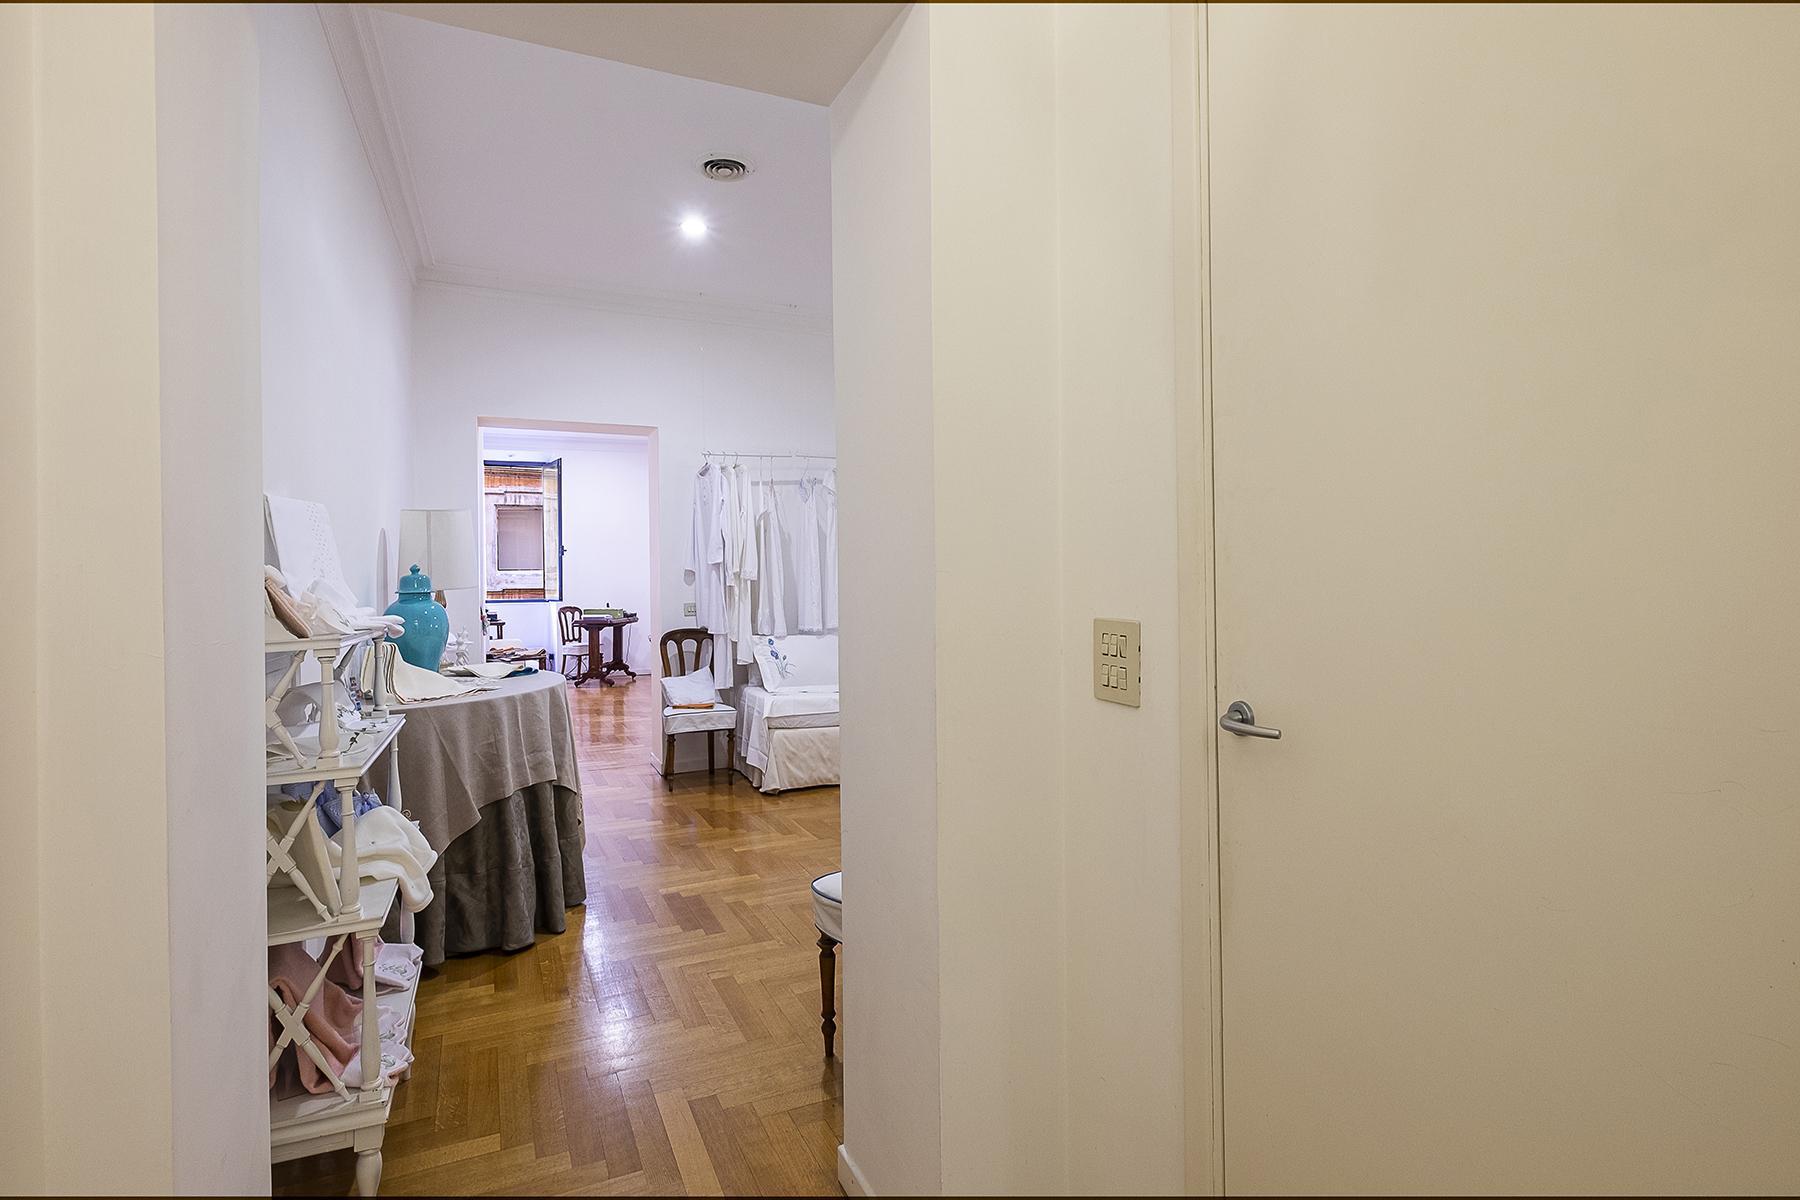 Negozio in affitto nell'esclusiva via Frattina - 14